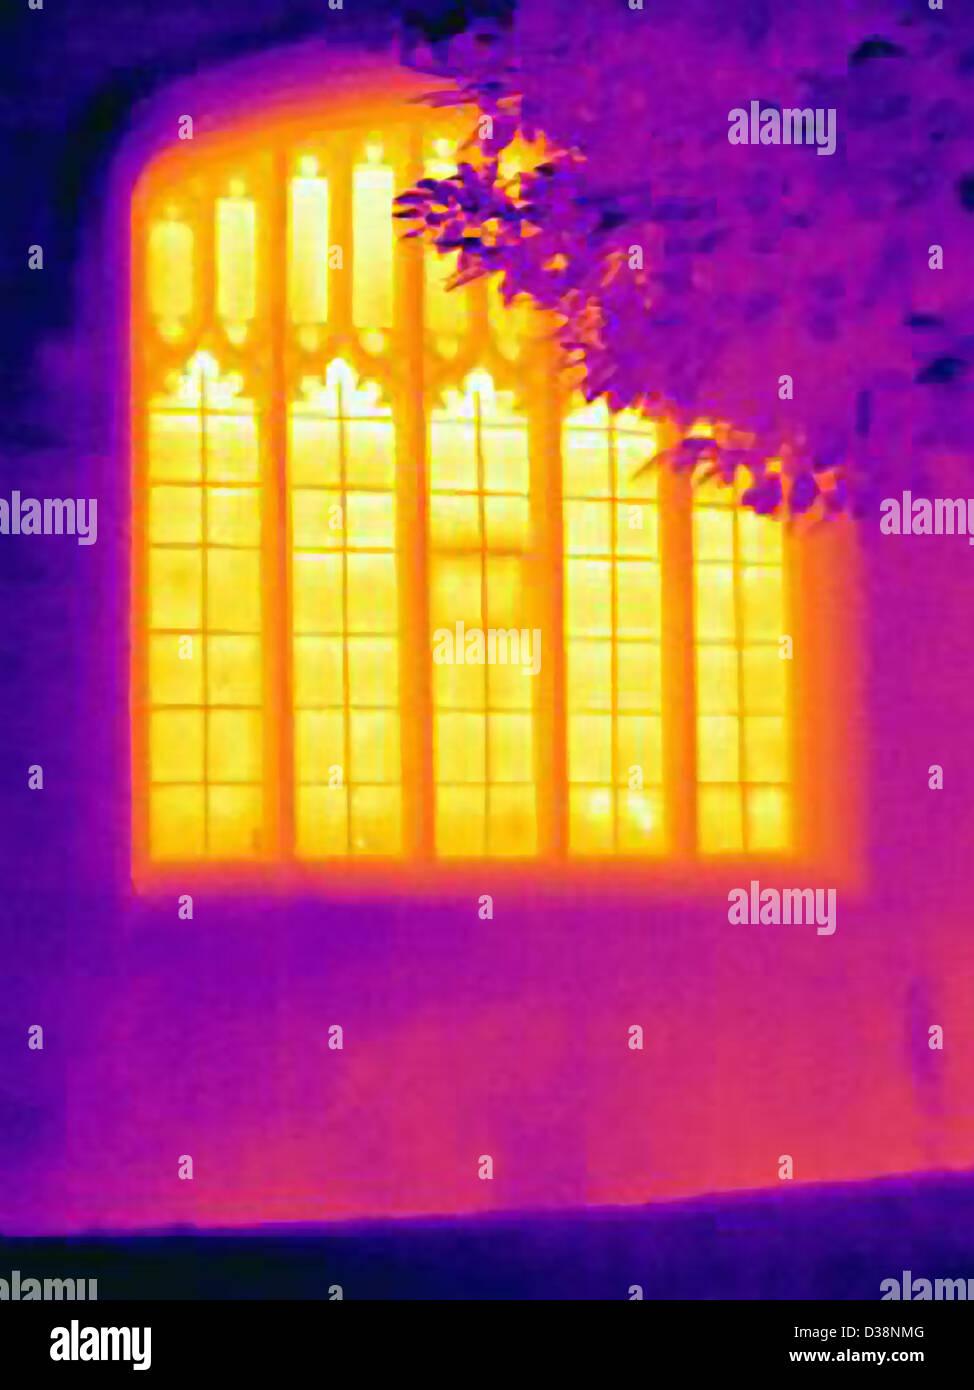 Wärmebild eines reich verzierten Fenster Stockbild